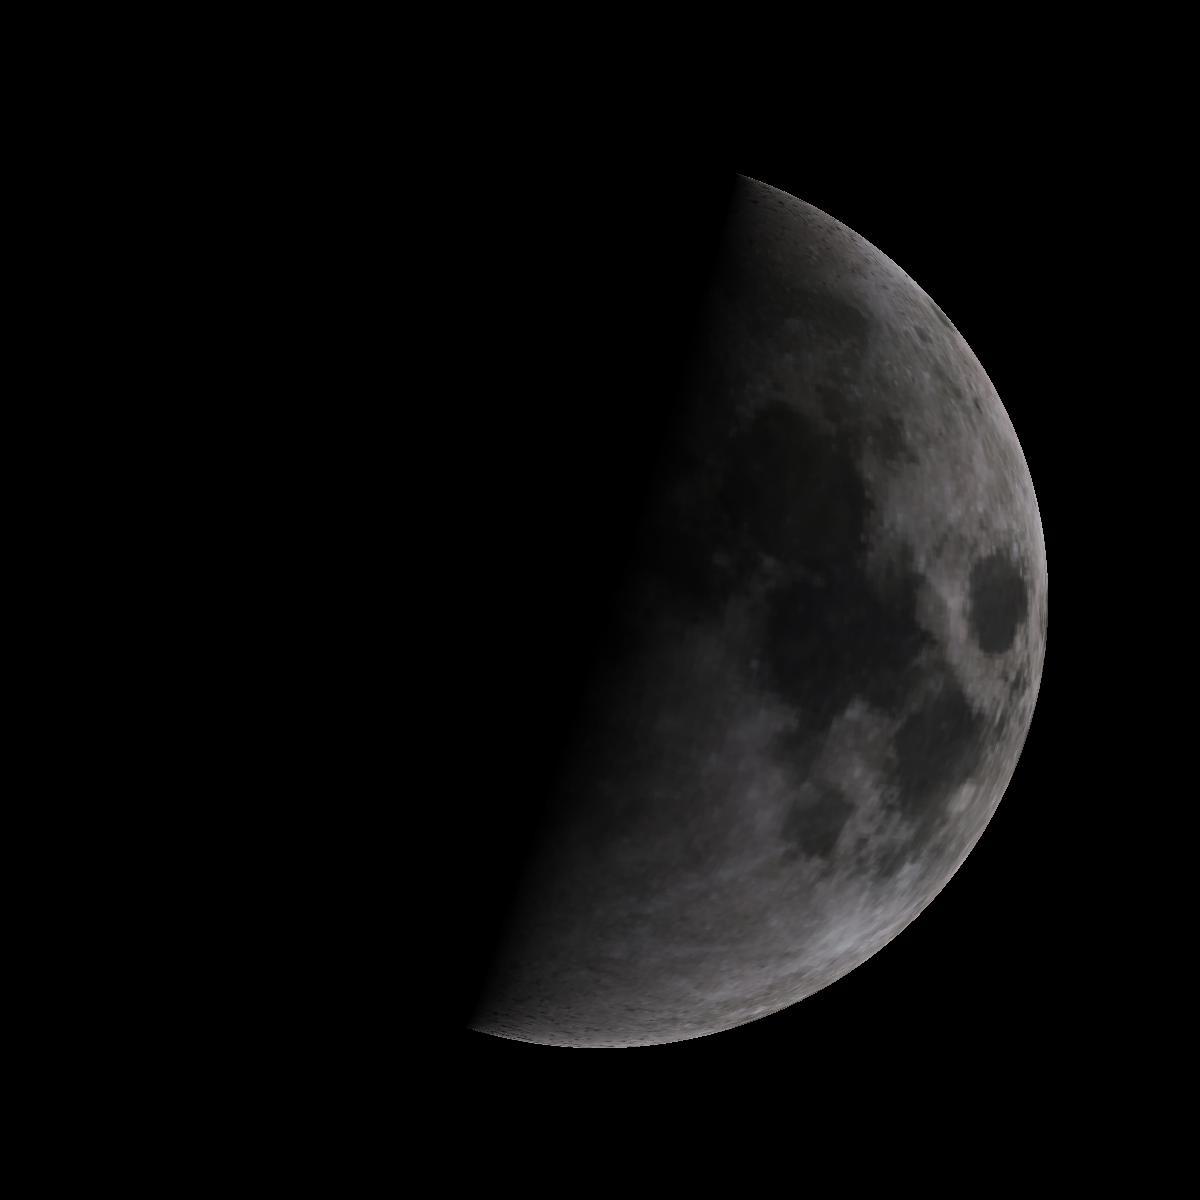 Lune du 2 février 2020